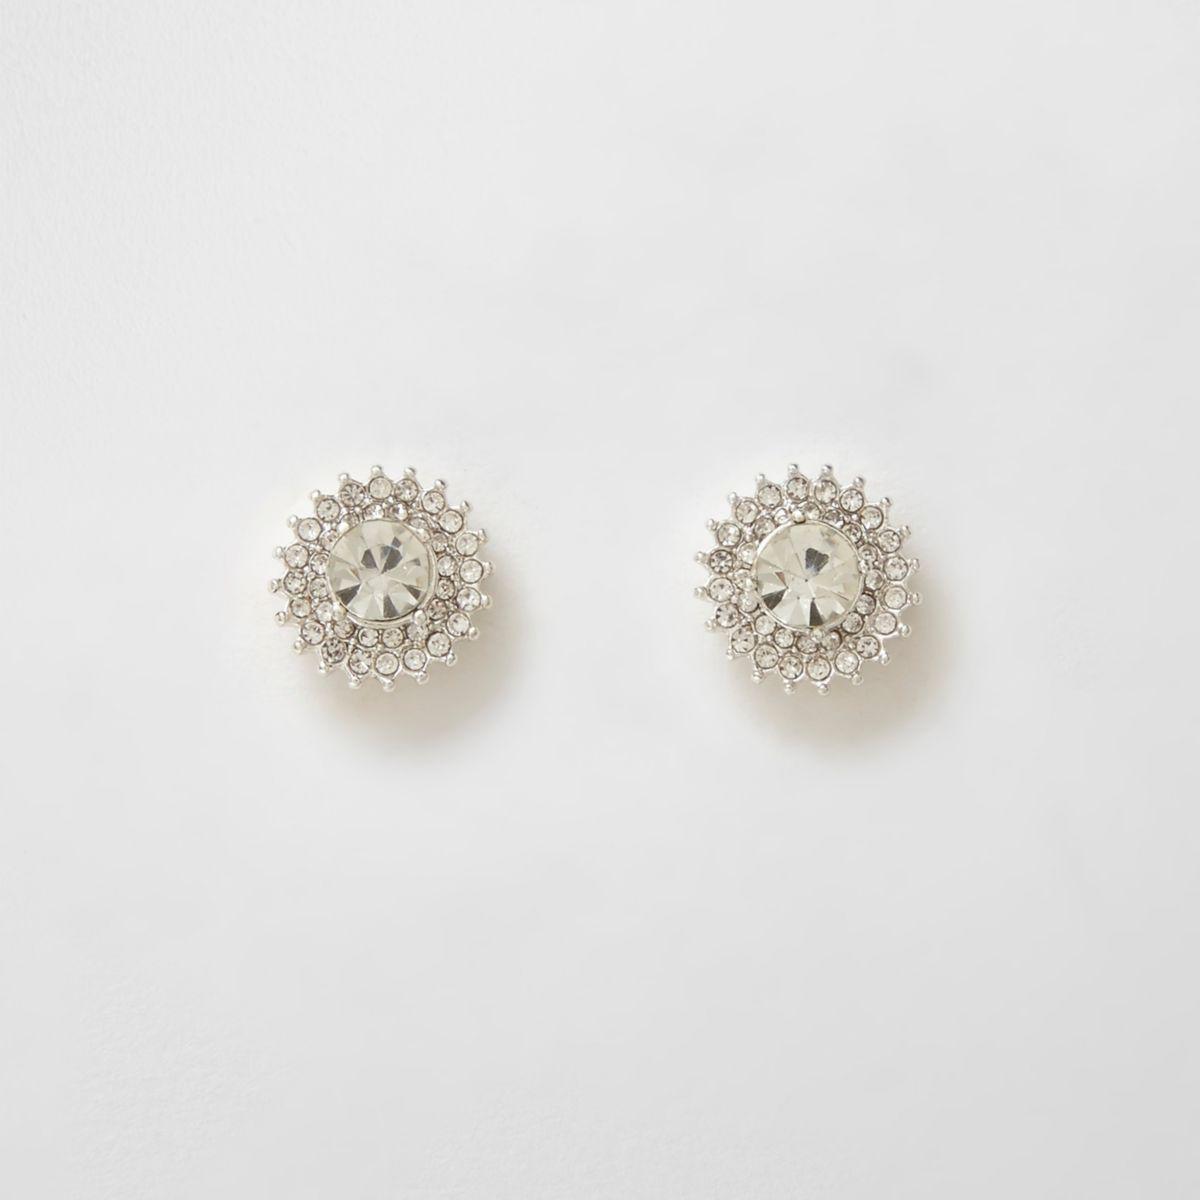 Silver tone rhinestone starburst stud earrings